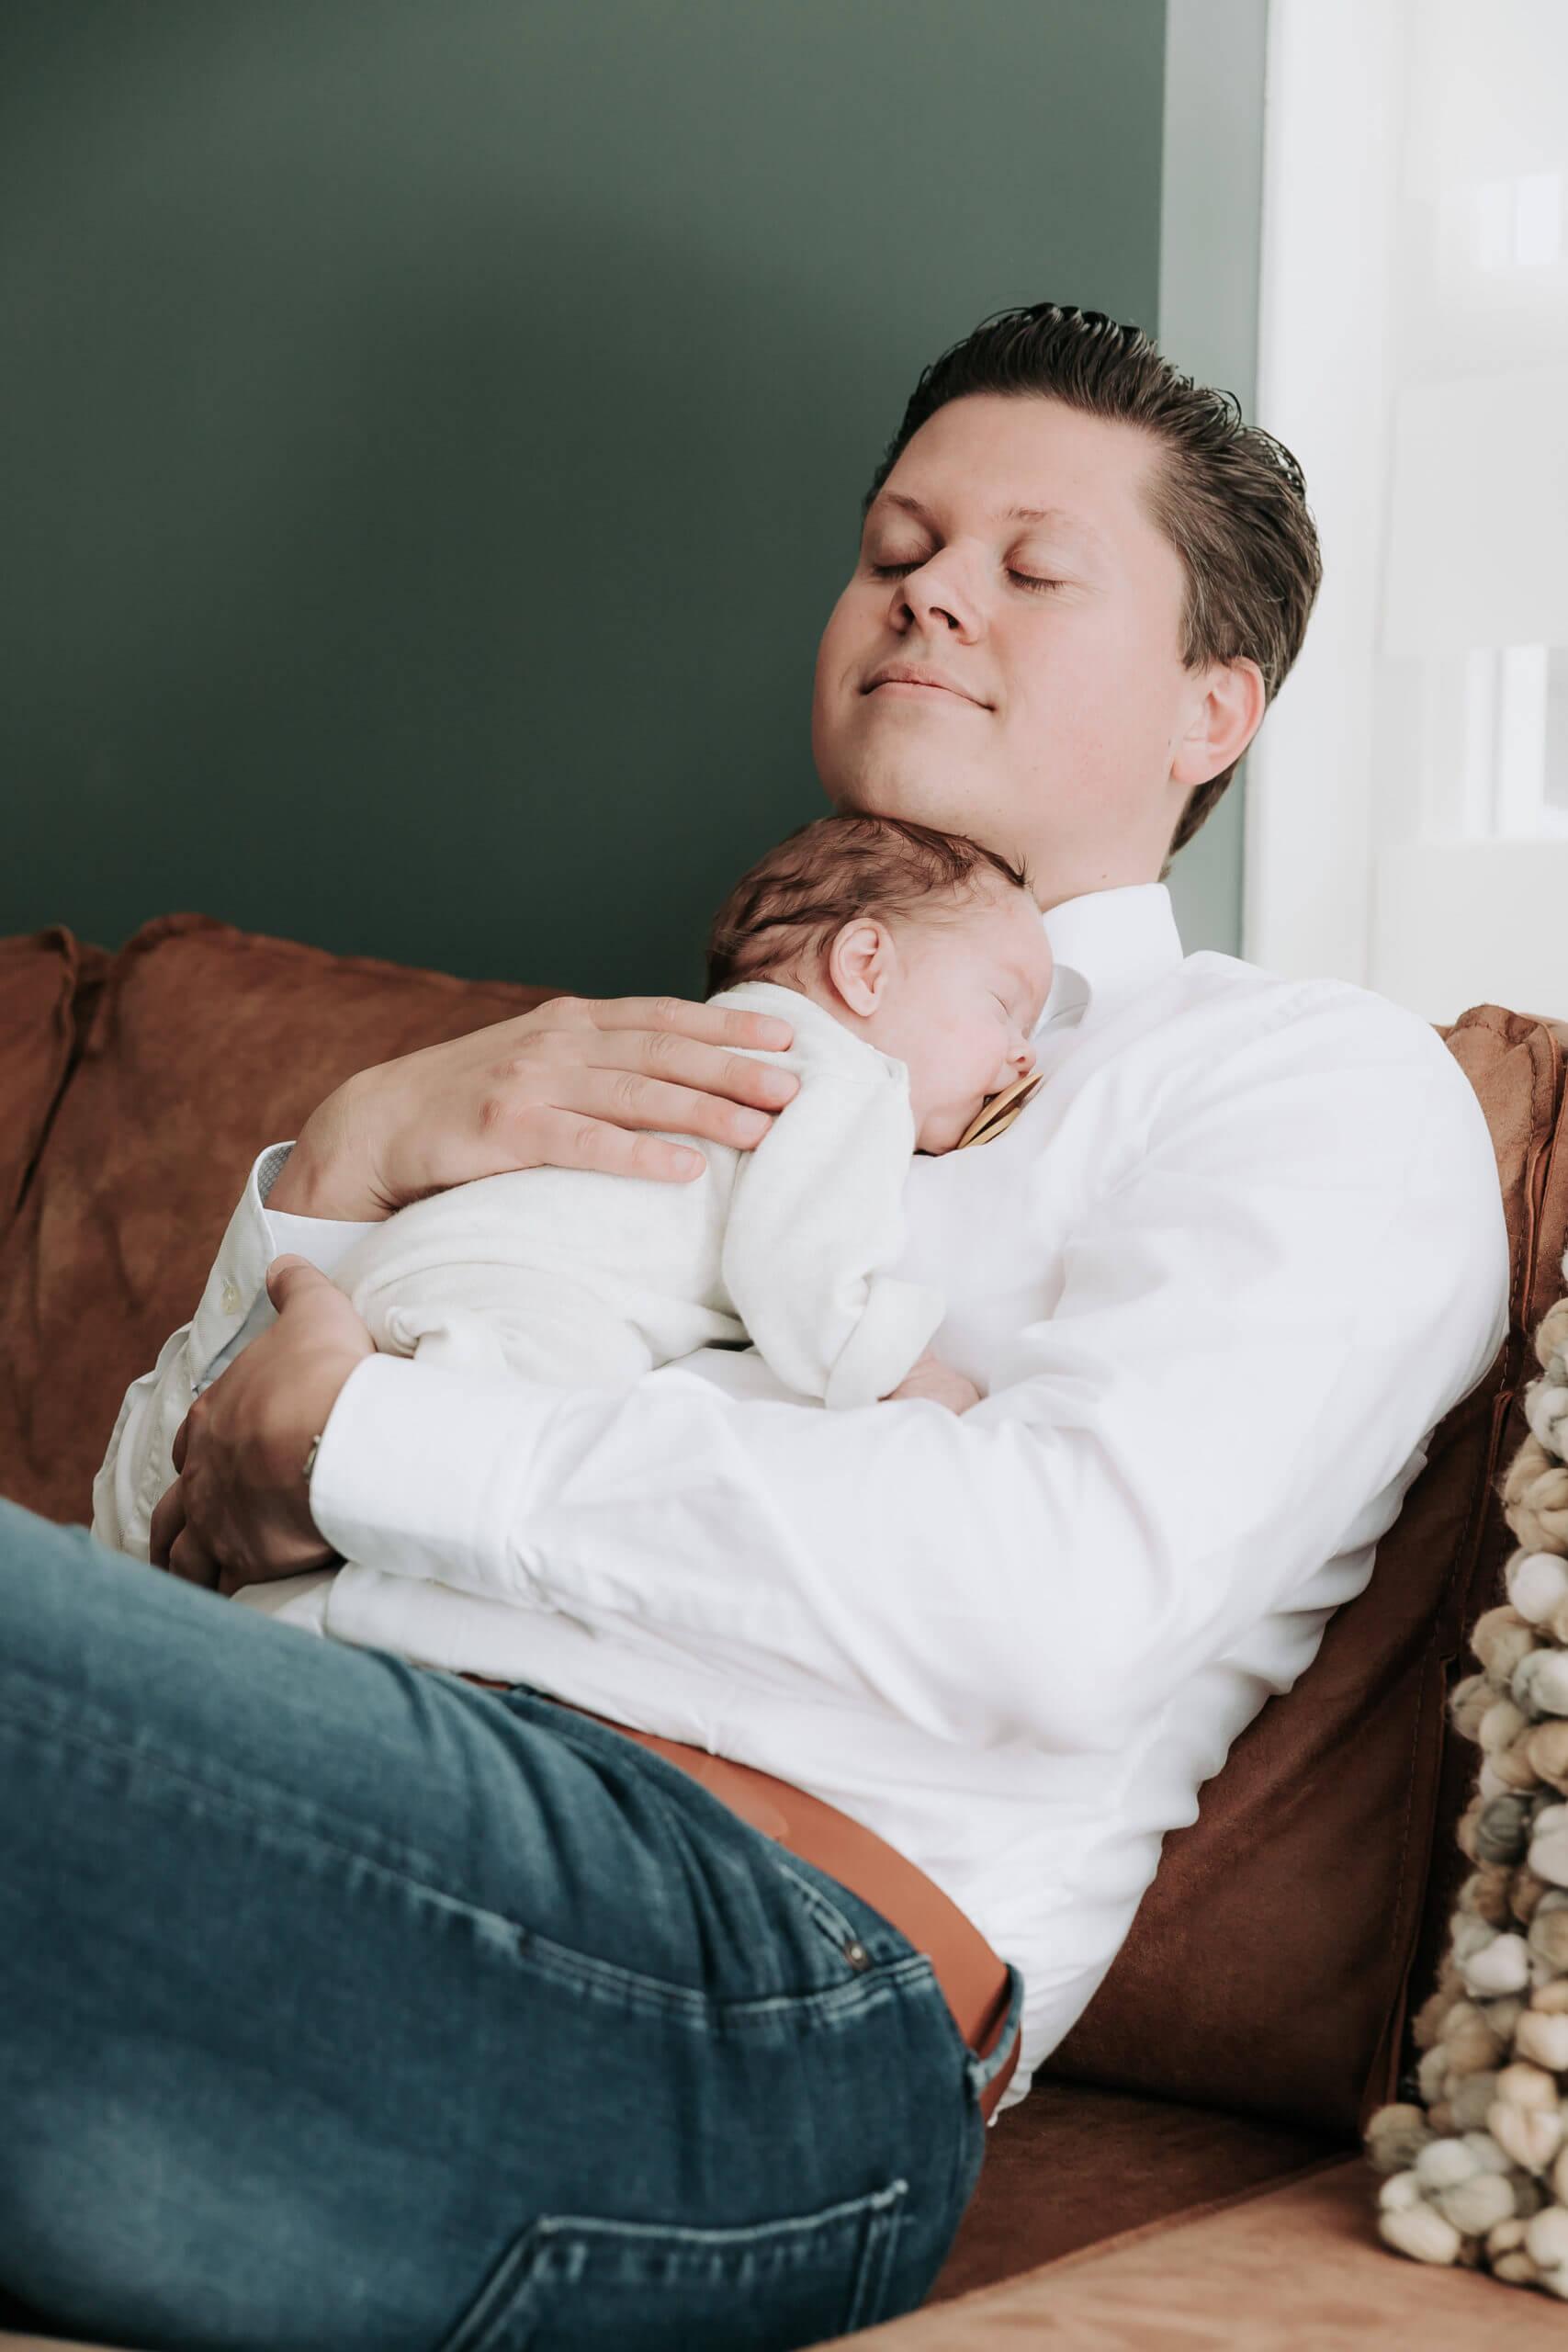 newborn fotograaf Zuidhorn, newborn fotograaf Groningen, newborn fotografie Zuidhorn, newborn fotografie Groningen, baby shoot Zuidhorn, baby shoot Groningen, lijn 10, Haren, Leek, Roden, Marum, Grijpskerk, Assen